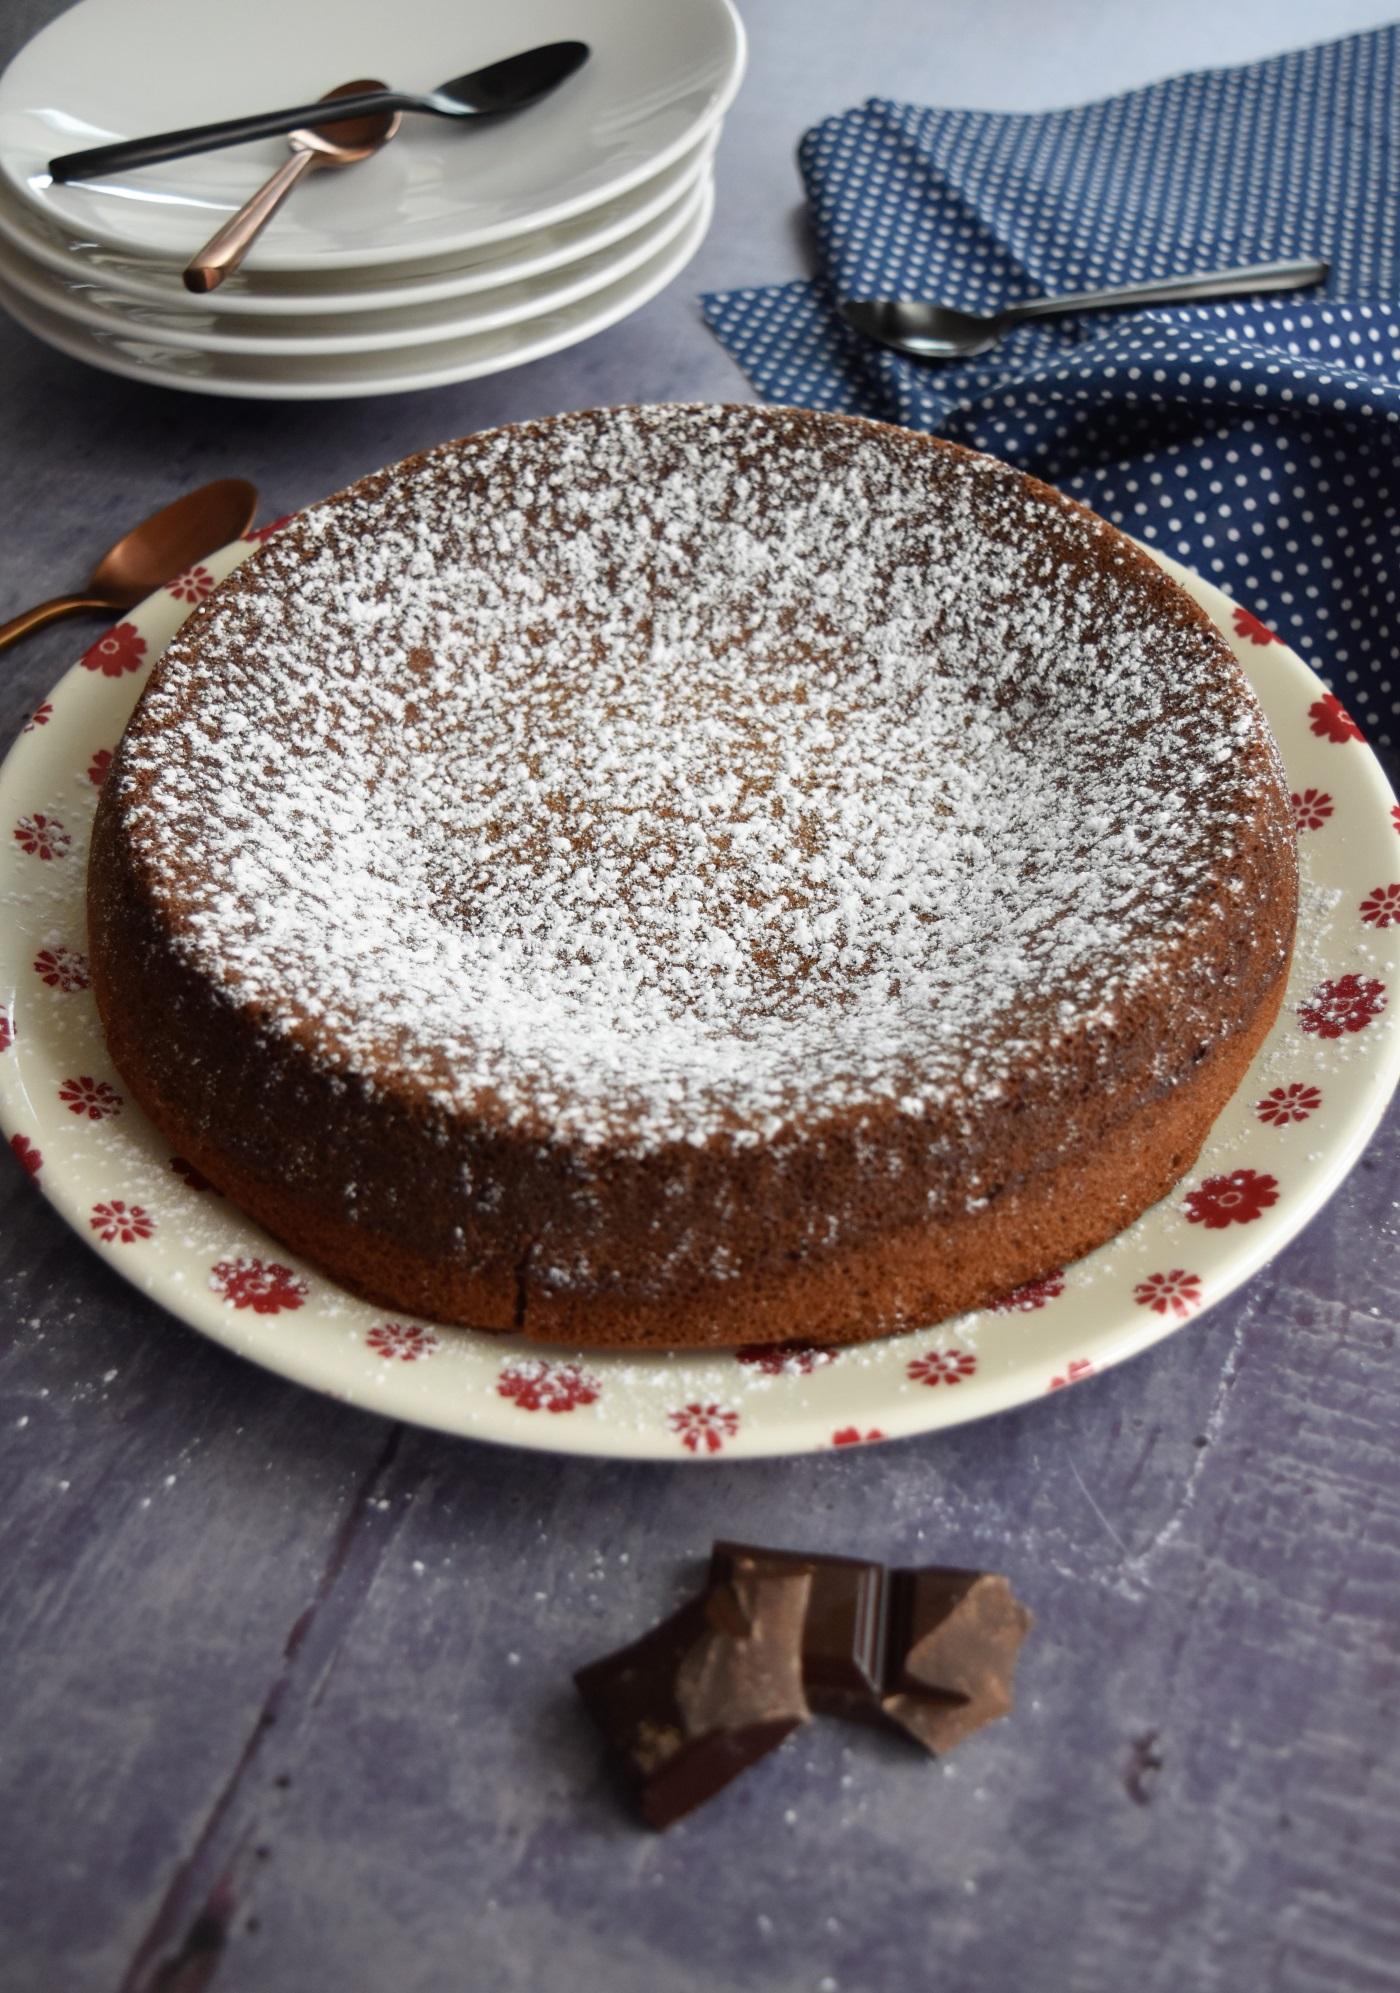 Gateau Avec 8 Oeufs : gateau, oeufs, Gâteau, Chocolat, Noisette, Blancs, D'oeufs, Dessert